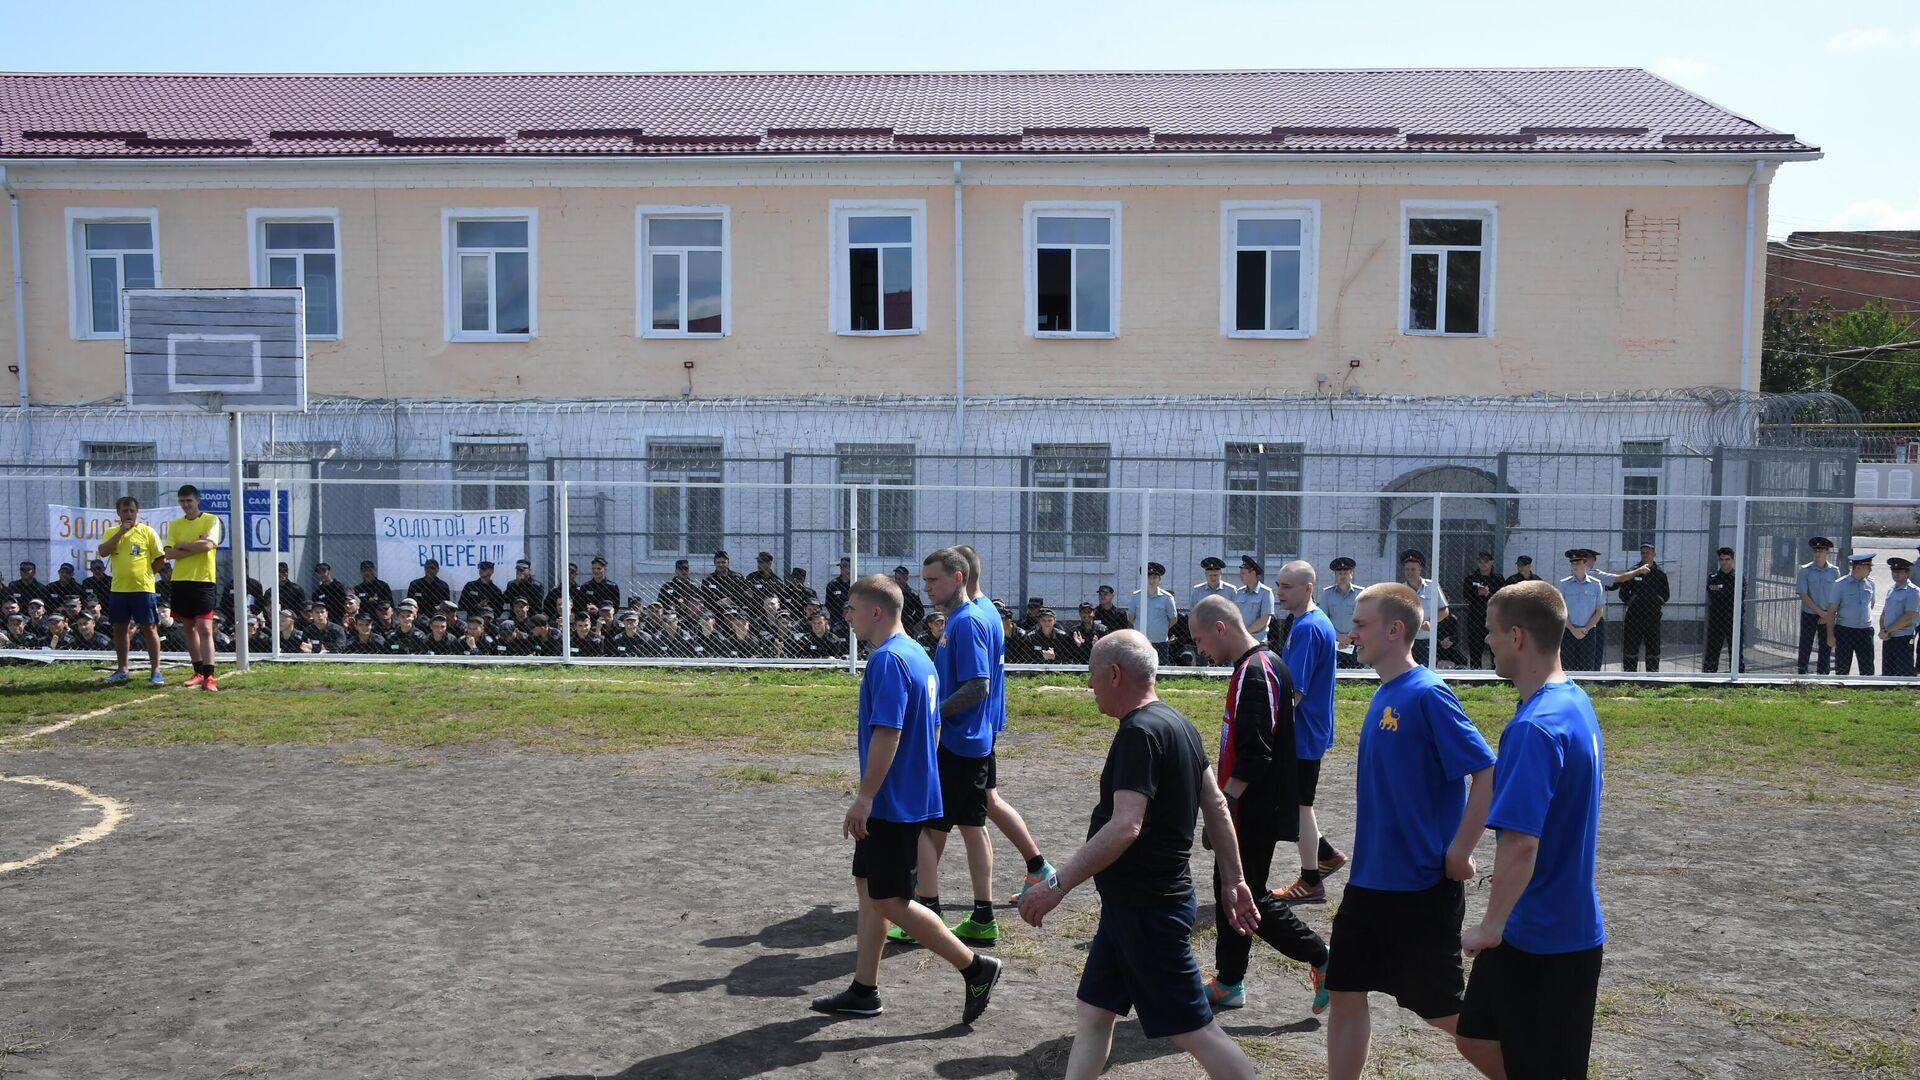 Ποδόσφαιρο στη φυλακή - Sputnik Ελλάδα, 1920, 04.10.2021